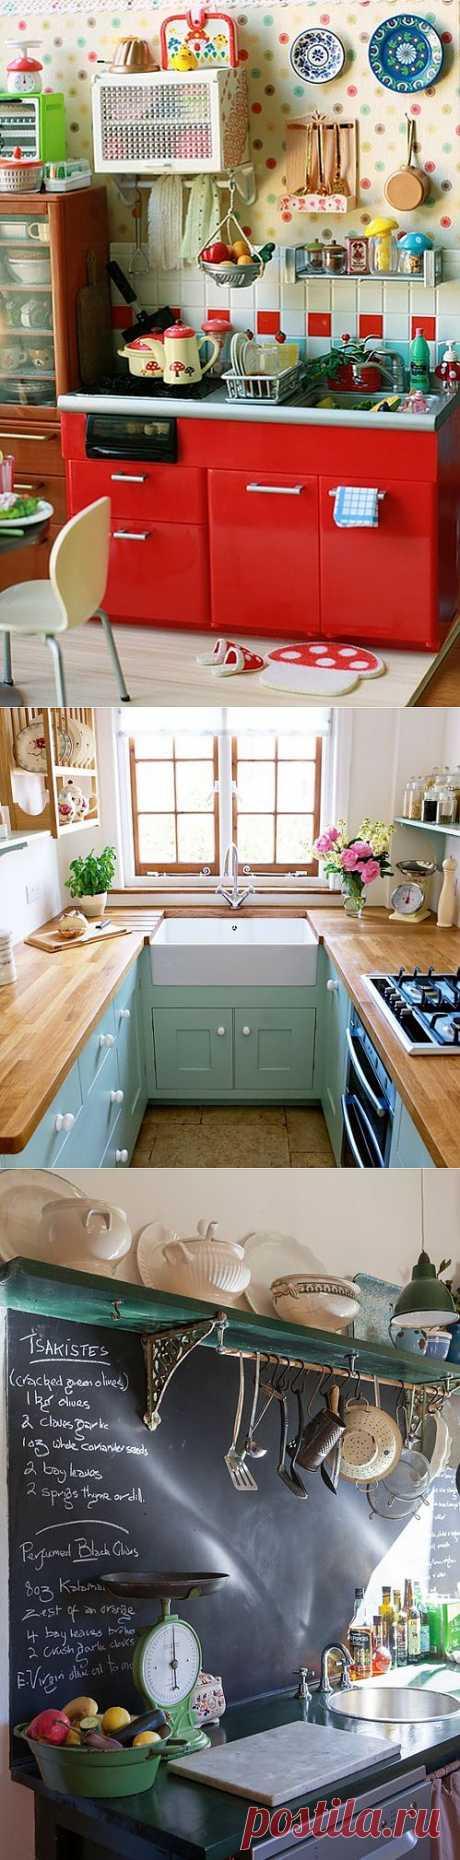 Интерьеры кухни и посуда для кухни.